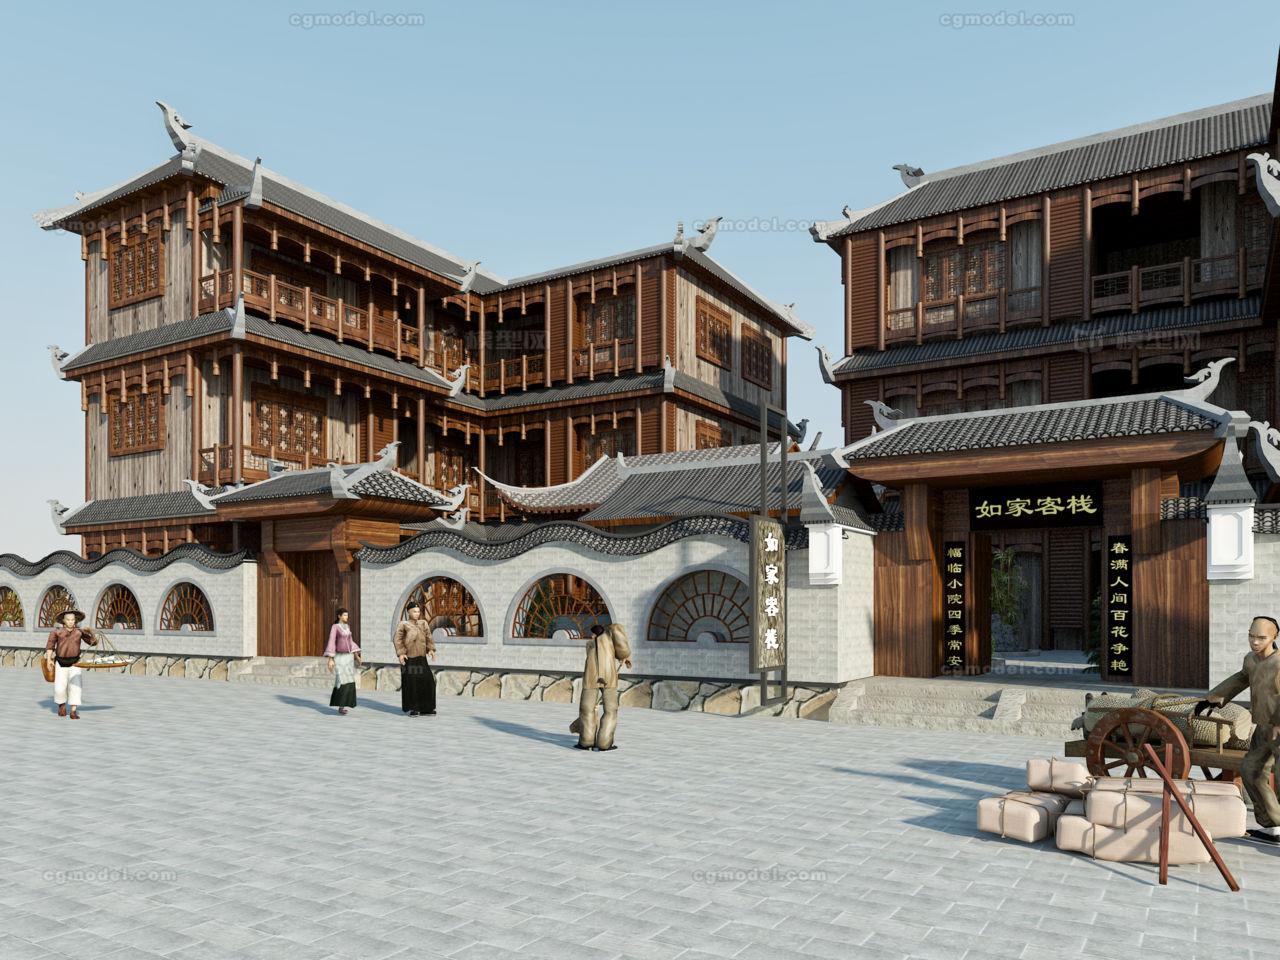 客栈 古代客栈 古代建筑 中式庭院 篱笆 太湖石 荷花图片